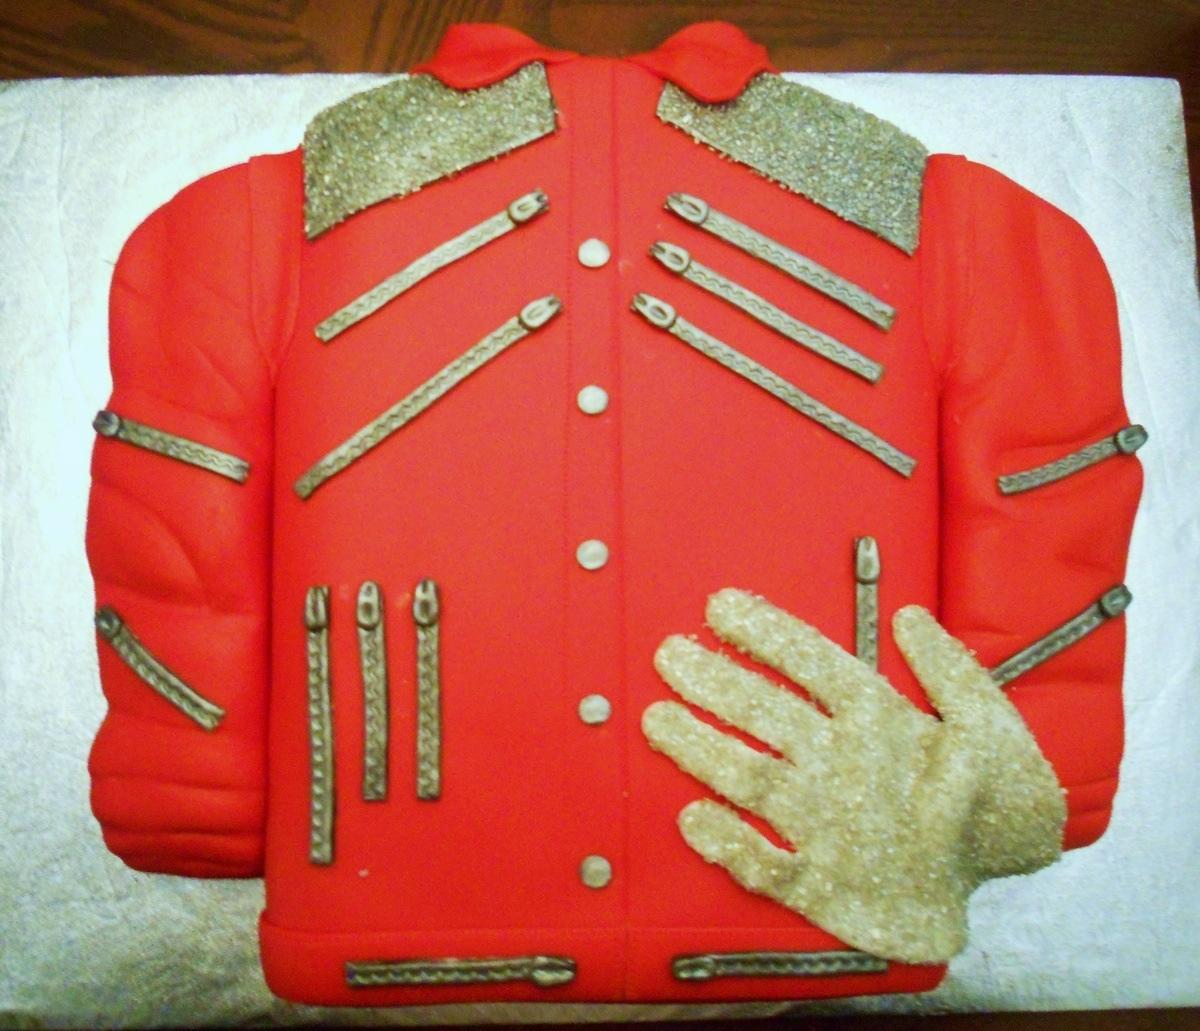 Amazing MJ cake